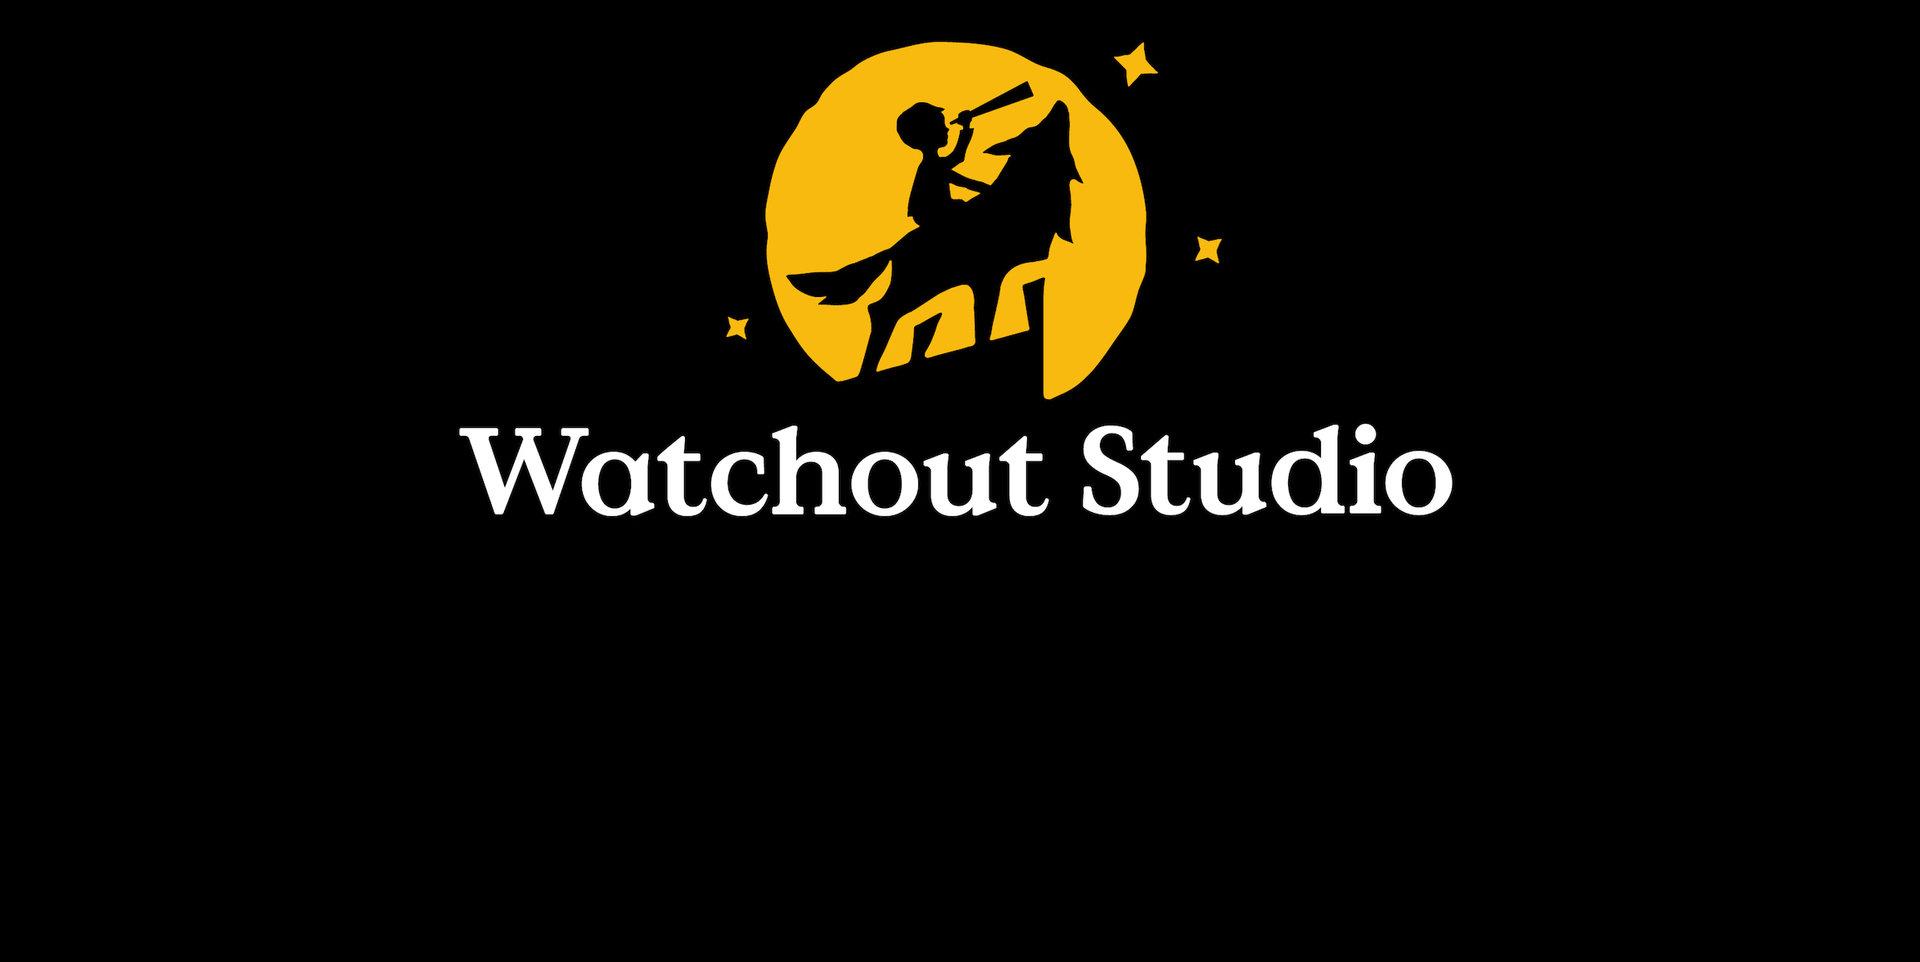 Nowa identyfikacja, kolejne projekty, zmiana nazwy i nowy zespół w Watchout Studio!